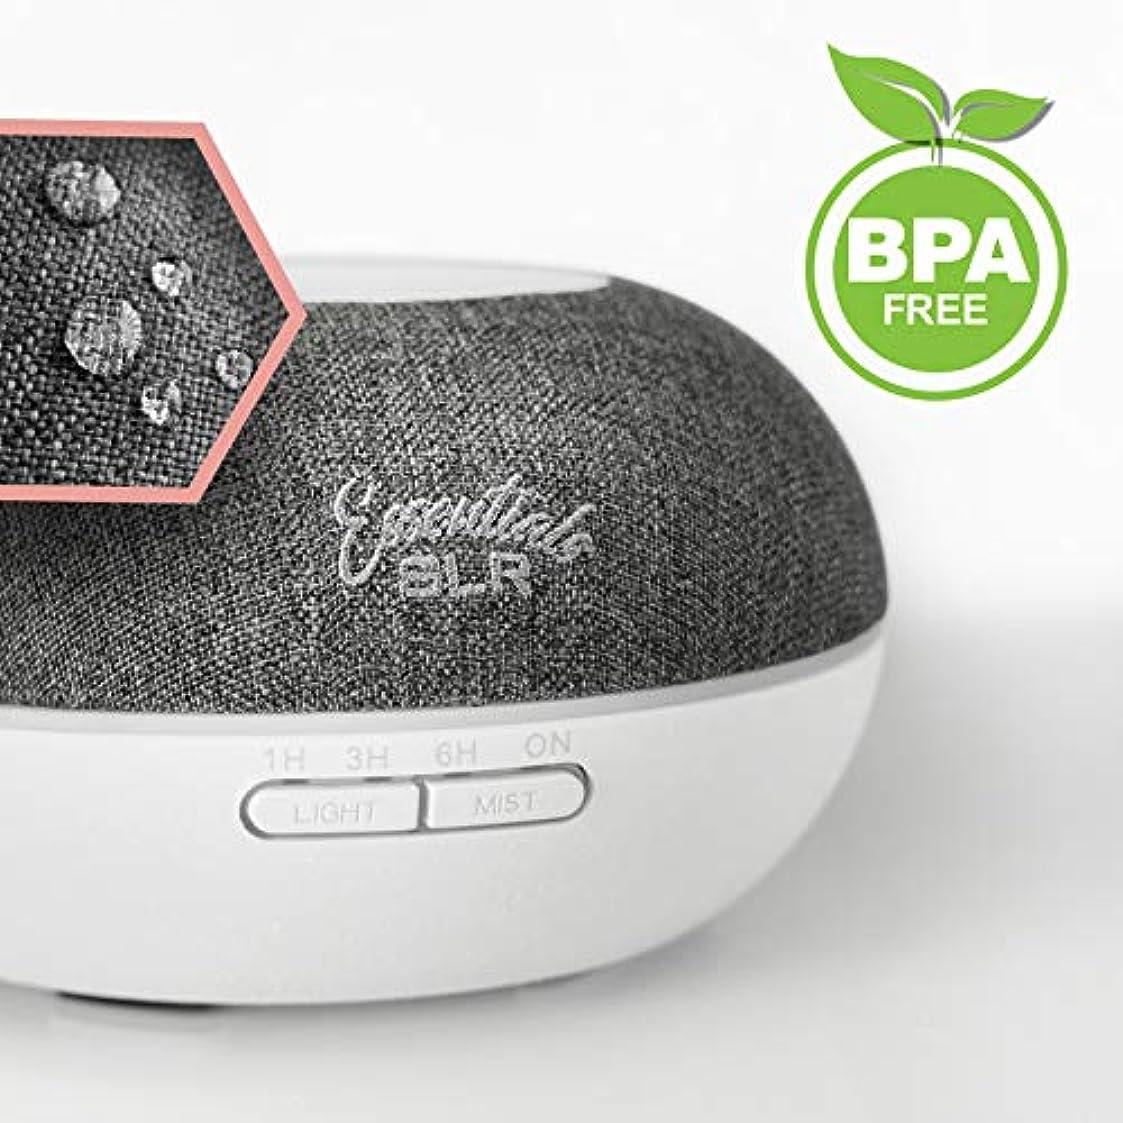 実用的非行望むSLR 500 ml Aromatherapy Essential Oil Large Diffuser BPAフリー超音波空気加湿器withマルチカラー変更LED、自動遮断 500ml SLR:900-00055